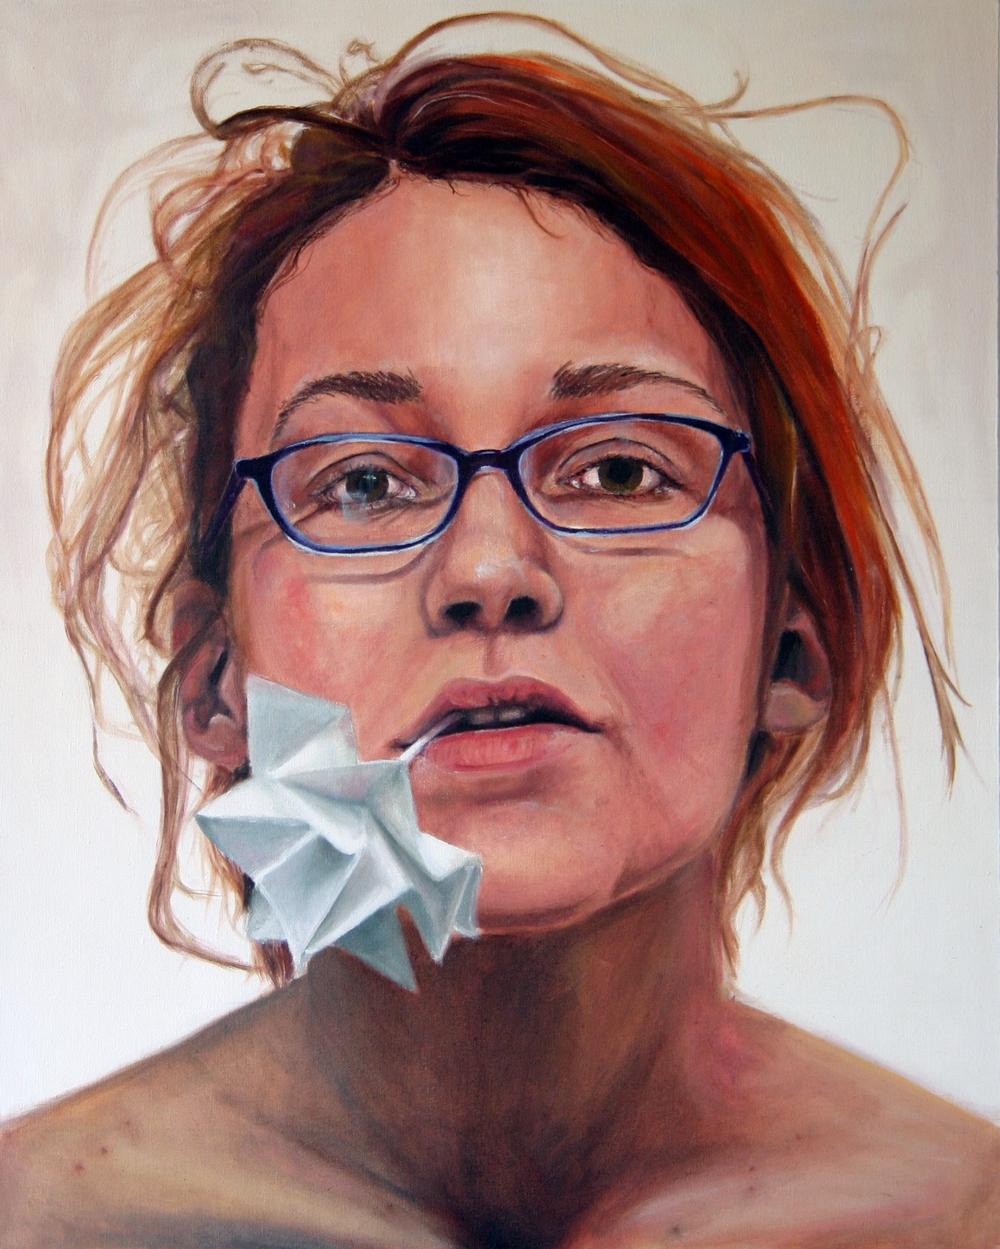 first_painted_self_portrait_by_sugarharris.jpg